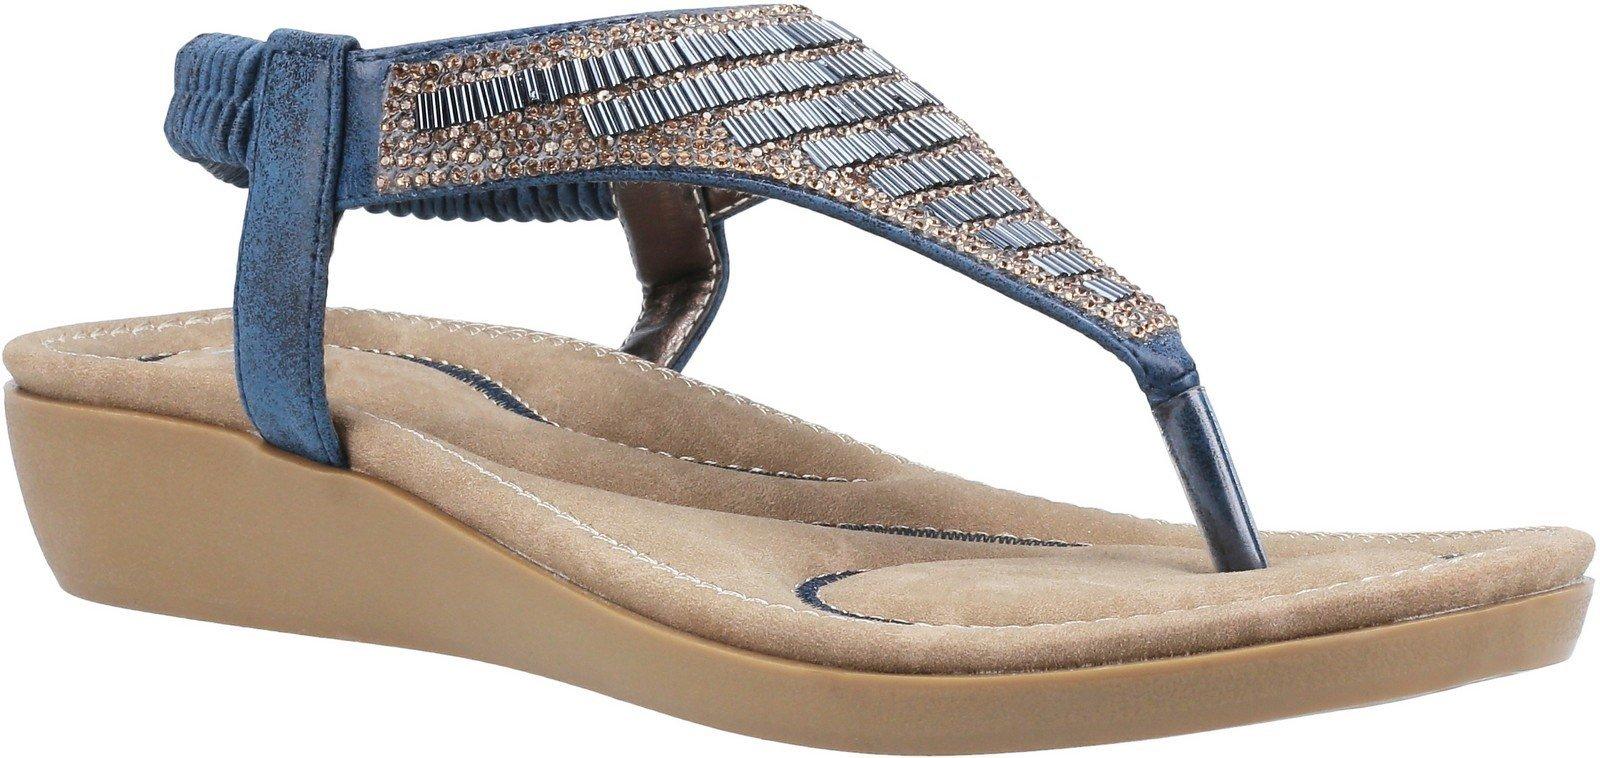 Fleet & Foster Women's Lianne Slip On Sandal Various Colours 30098 - Navy 3